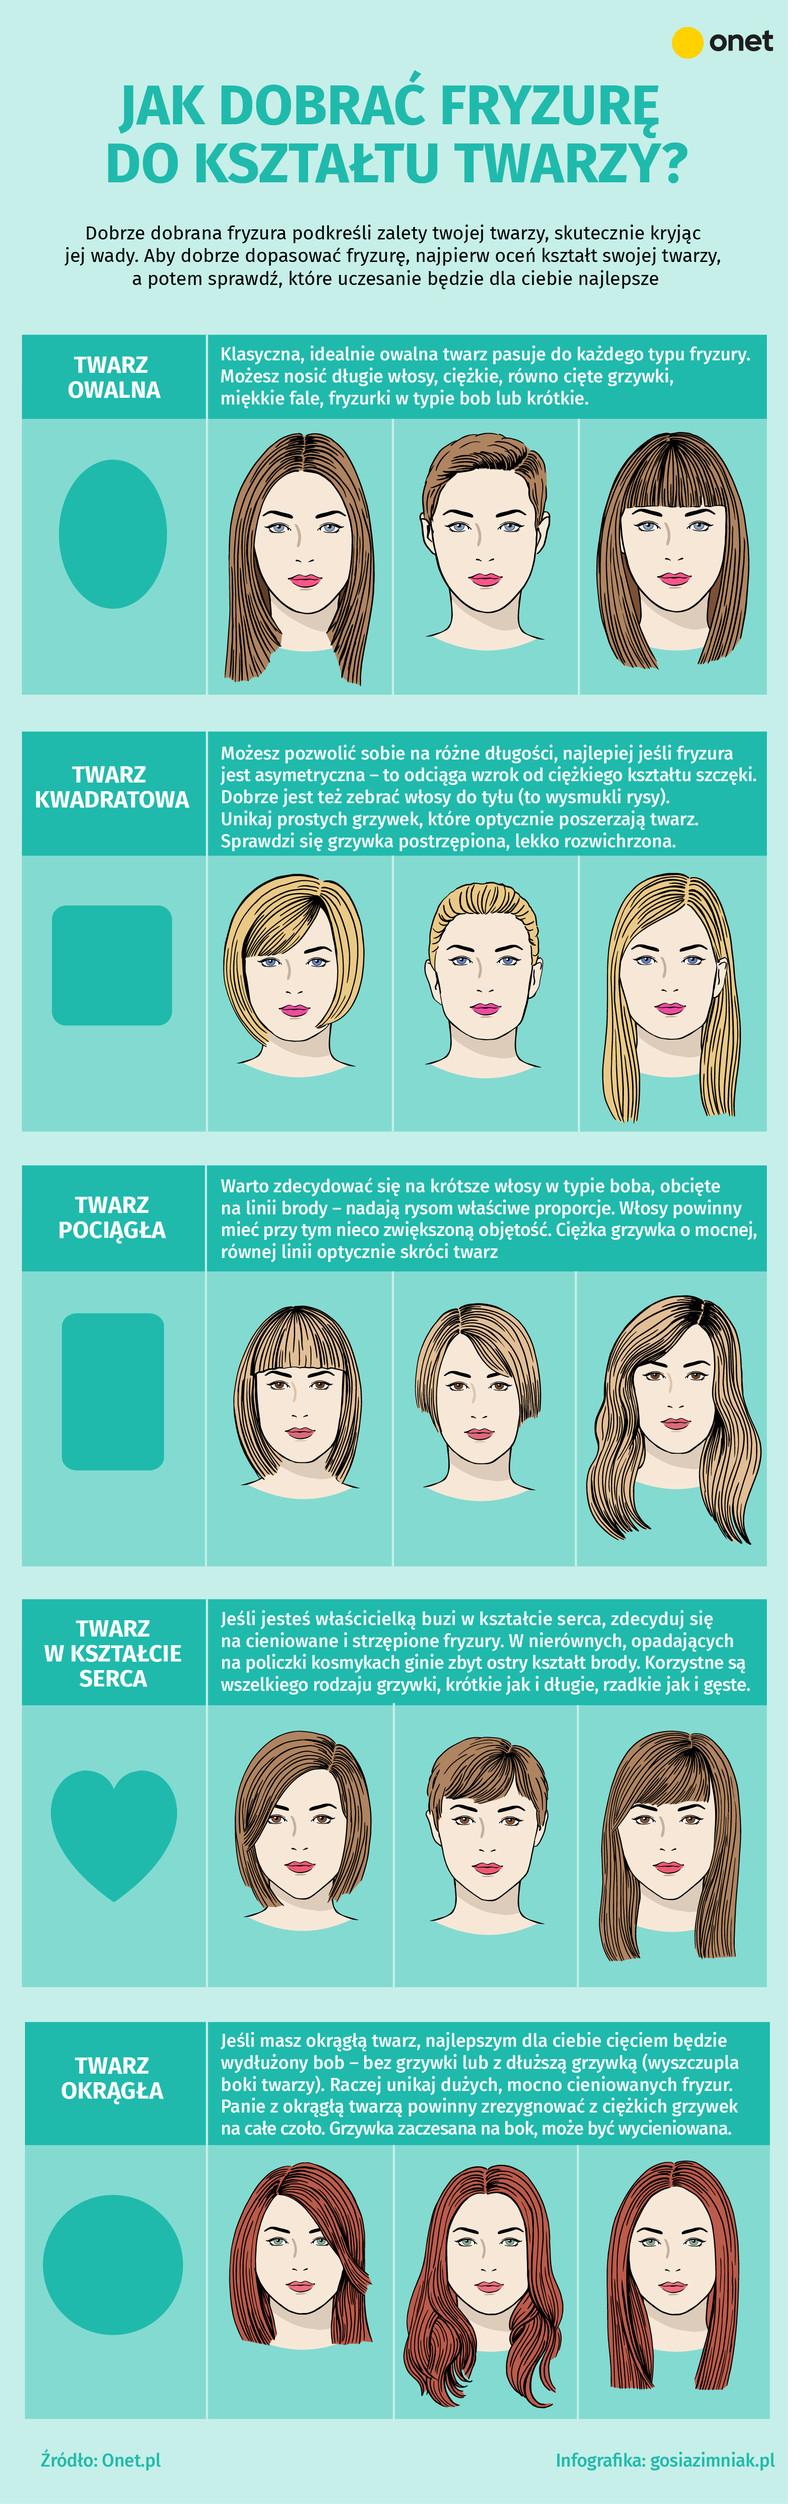 Zobacz Jak Dobrać Fryzurę Do Kształtu Twarzy Infografika